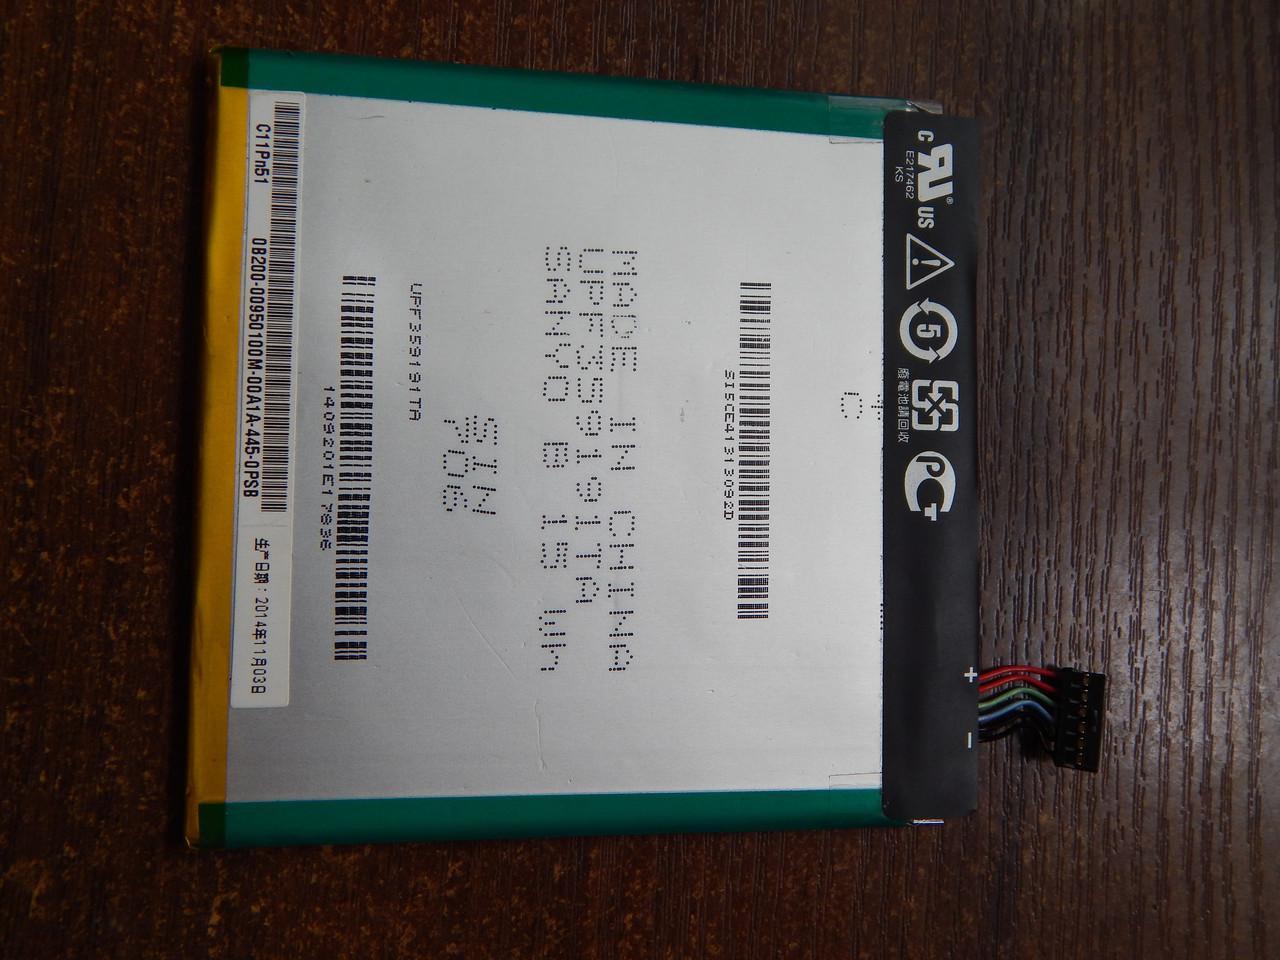 Акумулятор, батарея Asus C11P1310 (ME372 FonePad 7 R00EB) 3950 mAh